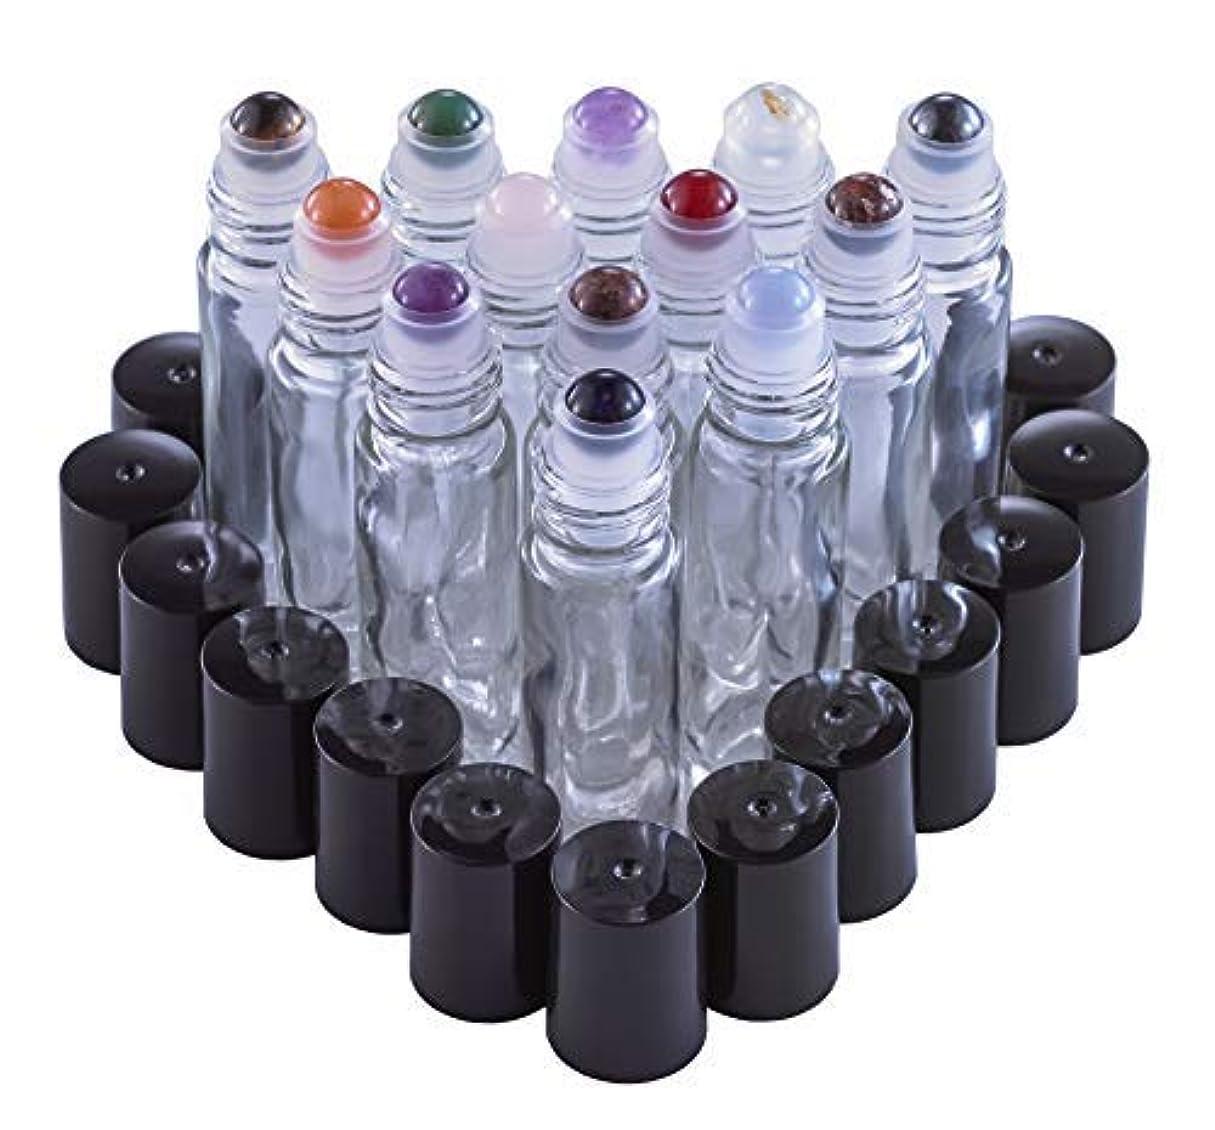 スカートスピリチュアルあえてGemstone Roller Balls For Essential Oils - 13 Beautiful Glass Roller Bottles With Precious Gemstones and Crystals...